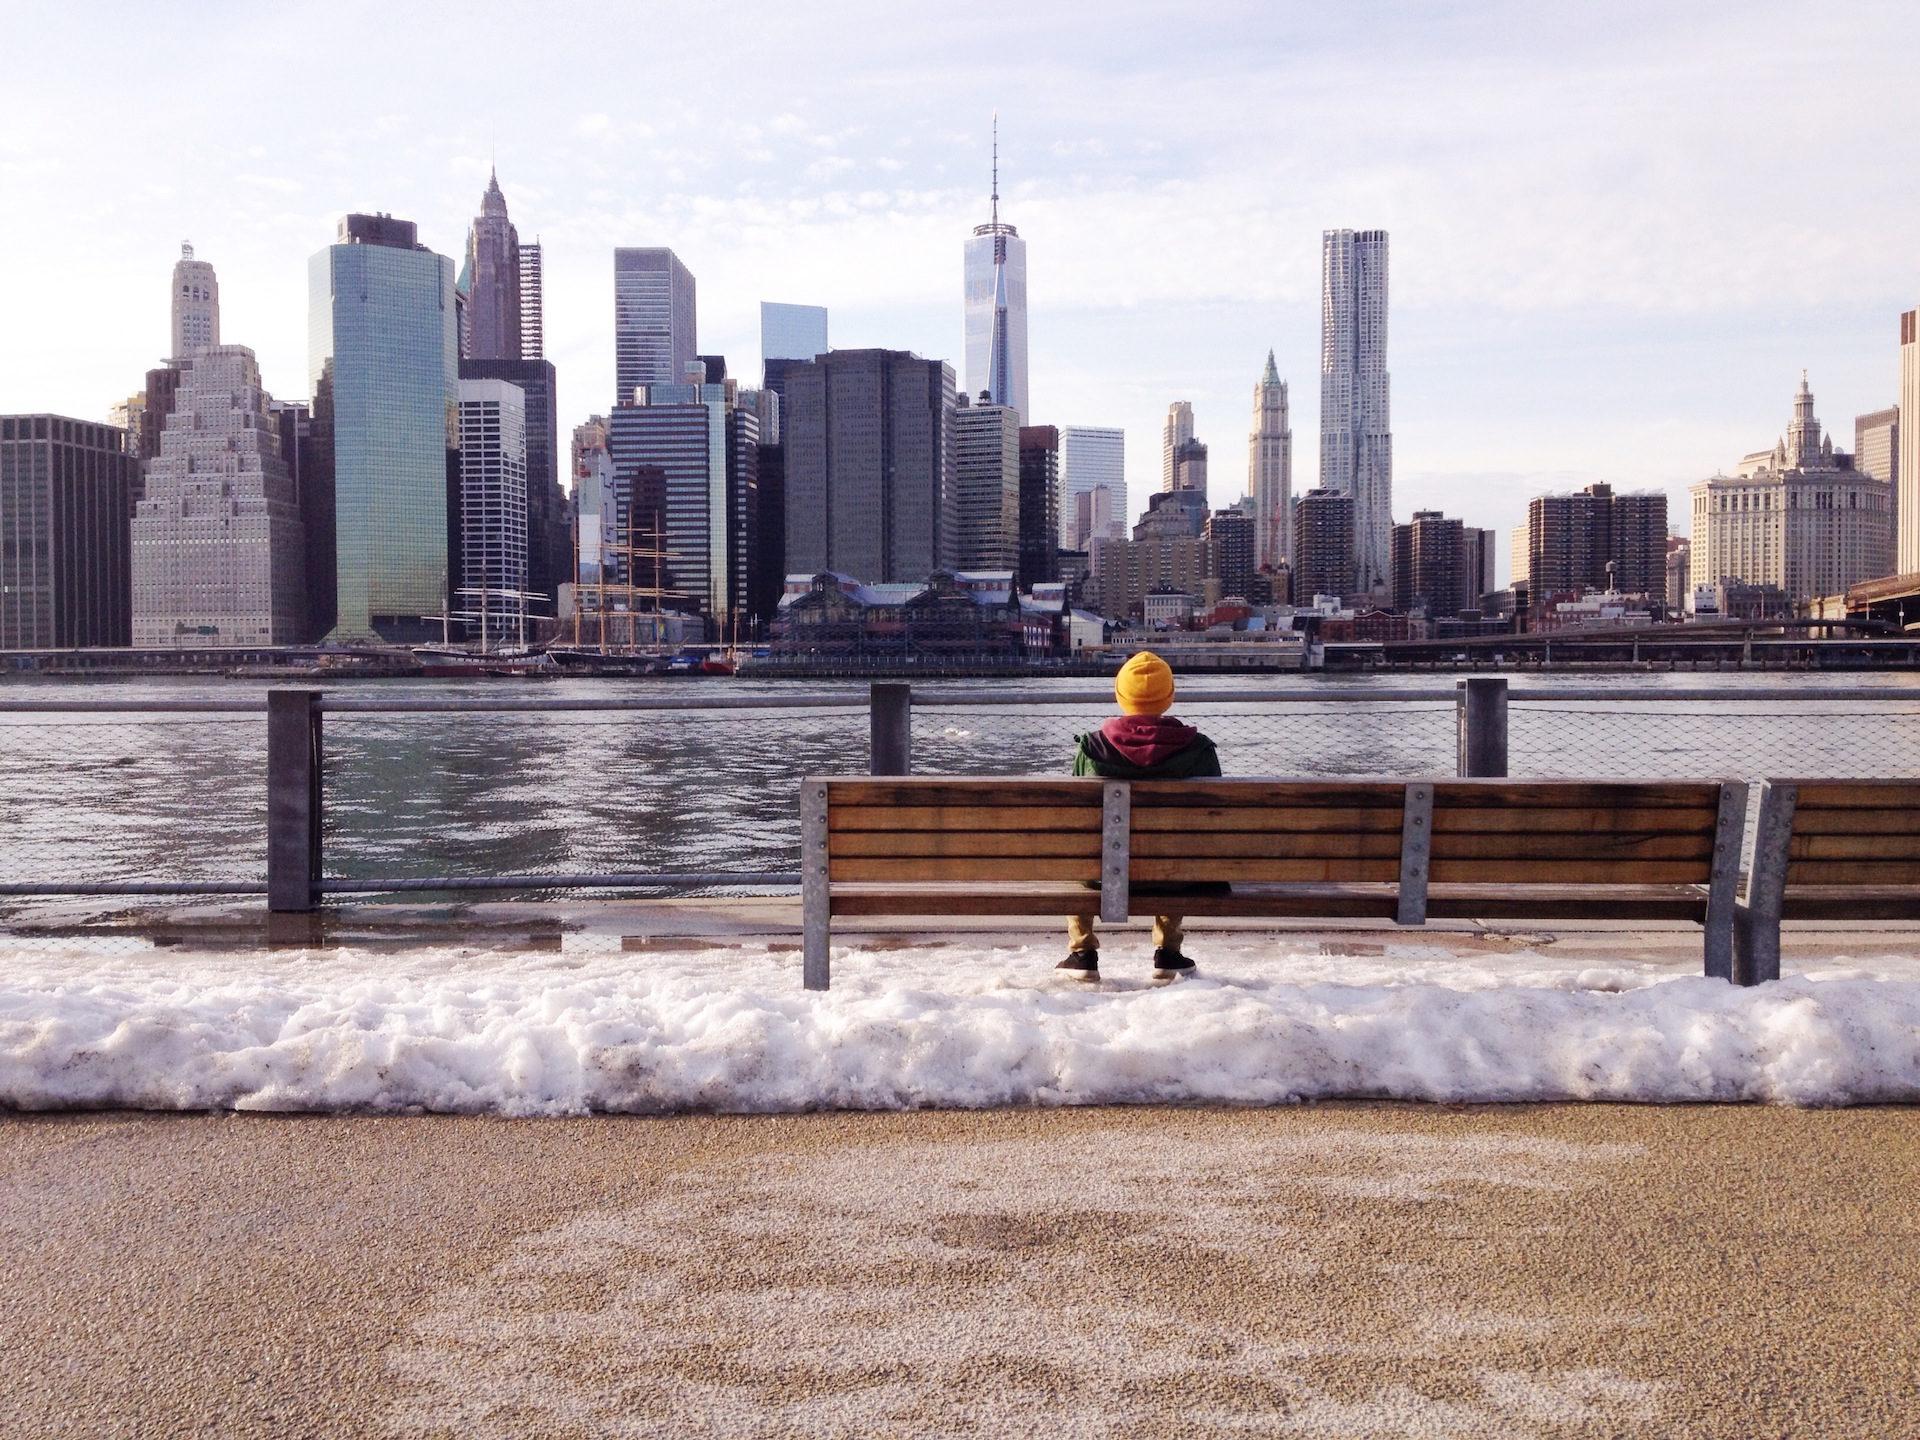 ciudad, asiento, banco, hombre, skyline - Fondos de Pantalla HD - professor-falken.com